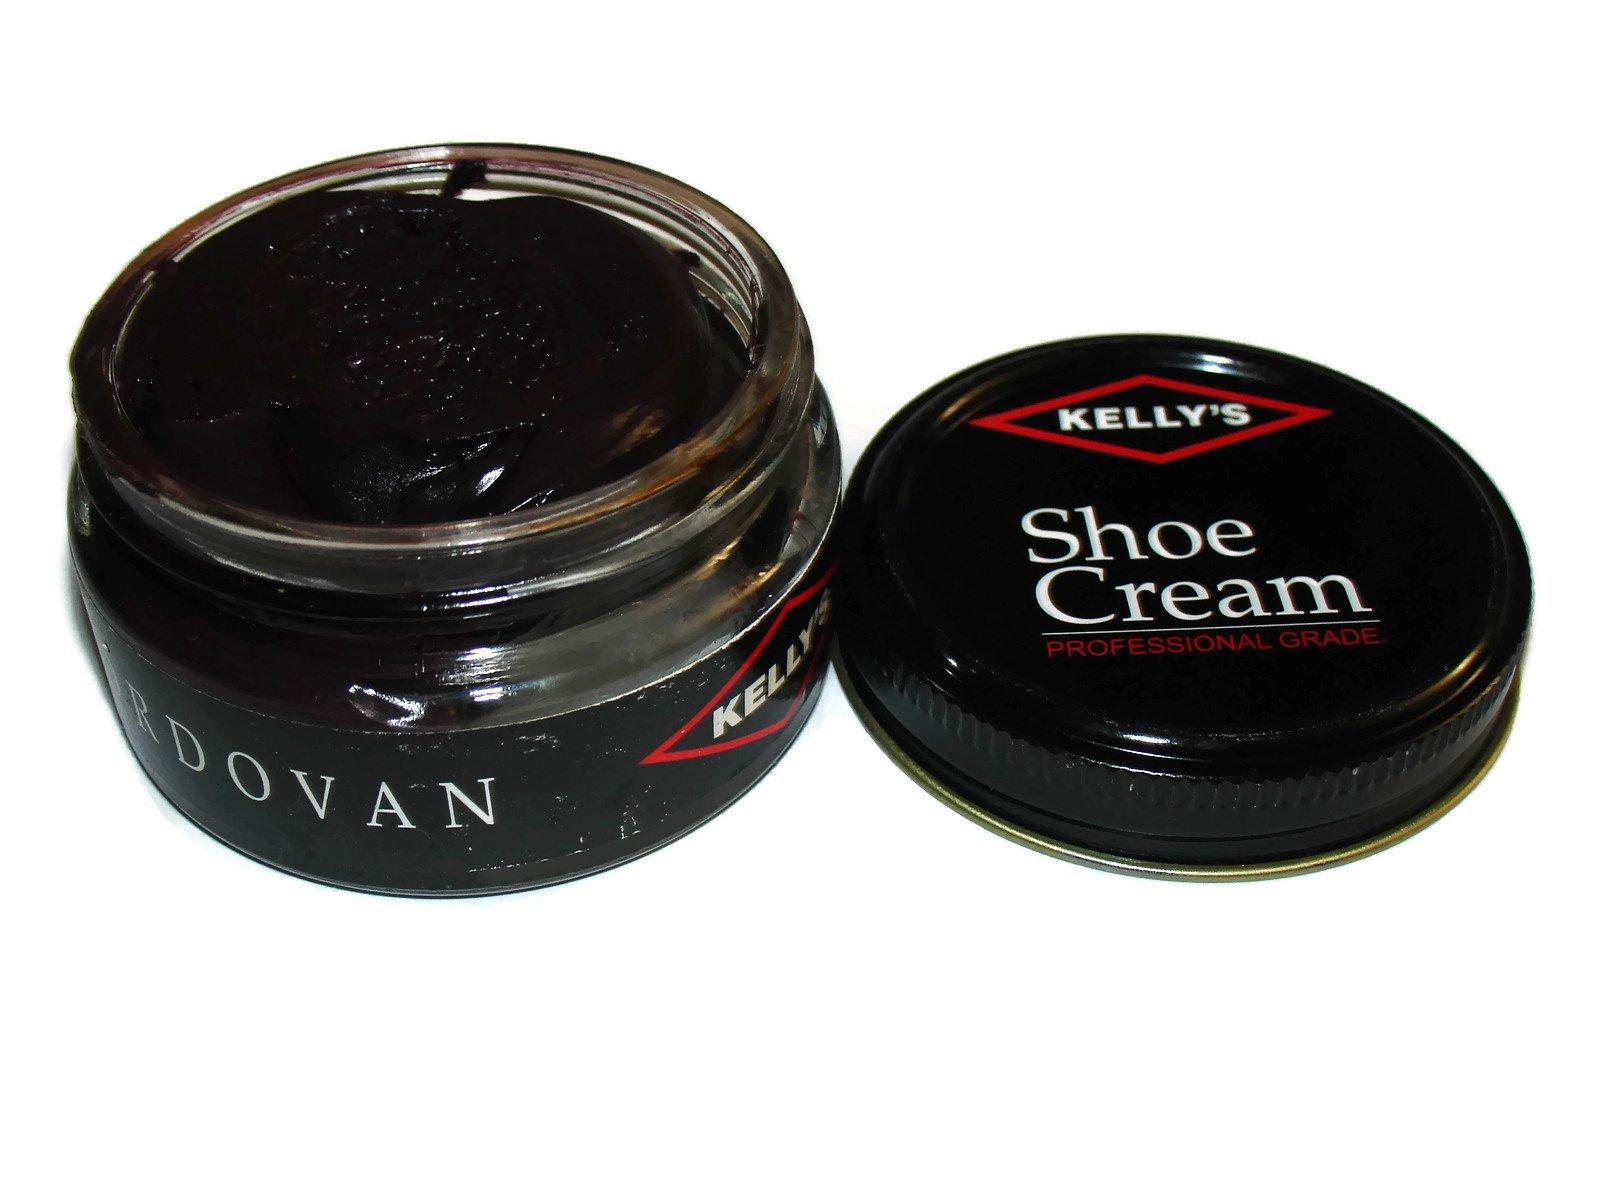 Kelly\'s Shoe Cream - Limpiabotas profesional - 1.5 o (GYZU)